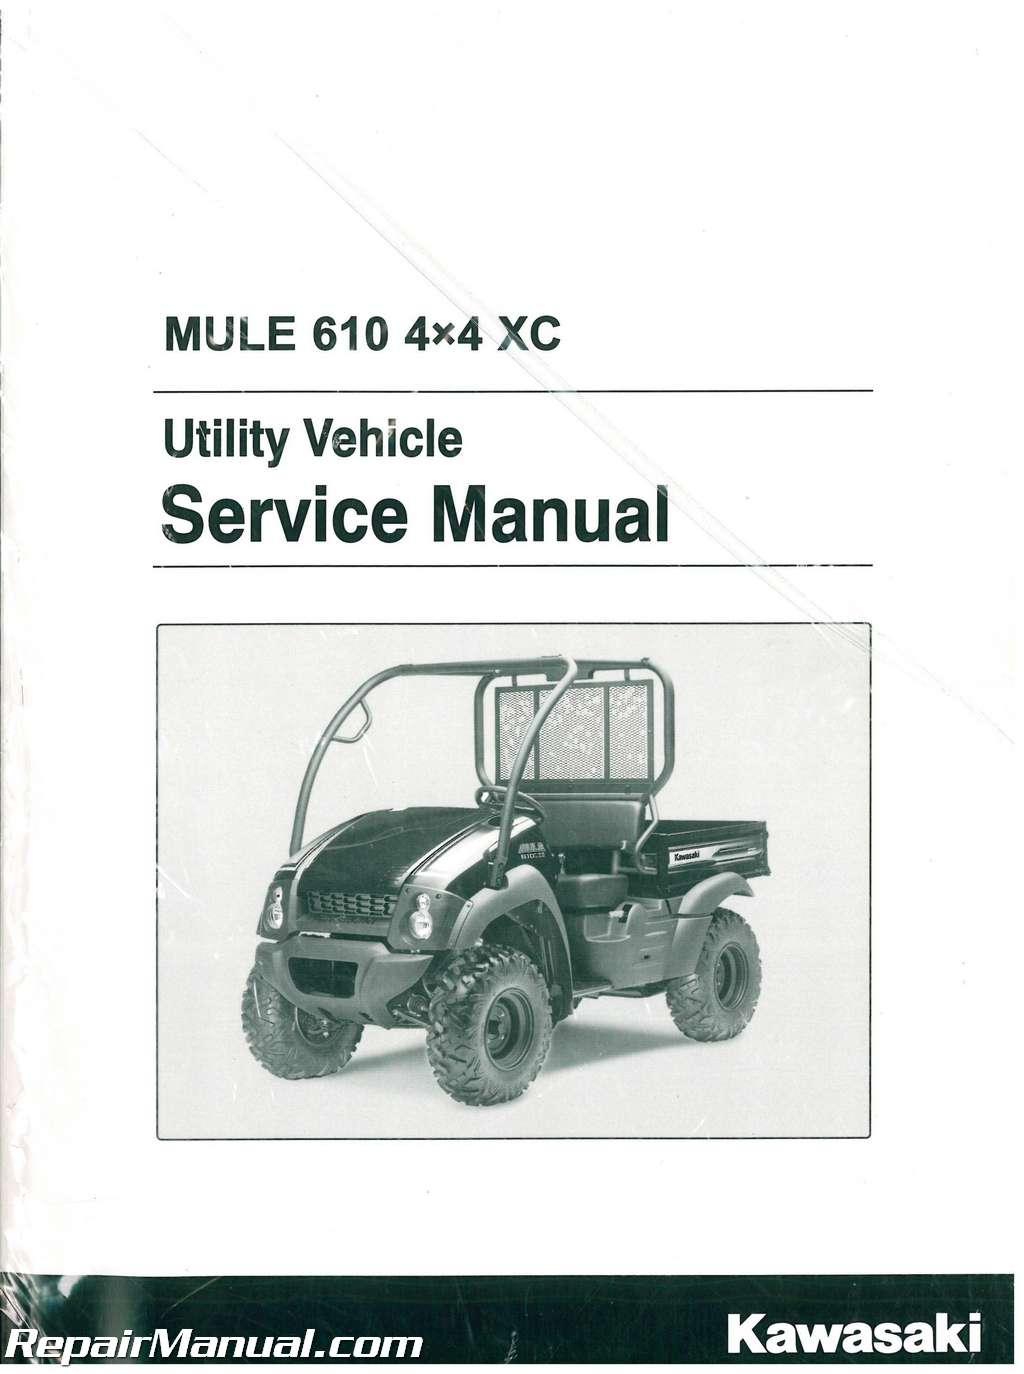 2010 kawasaki mule 610 manual open source user manual u2022 rh dramatic varieties com Kawasaki Mule 610 4x4 Specs 2005 kawasaki mule 610 4x4 owners manual